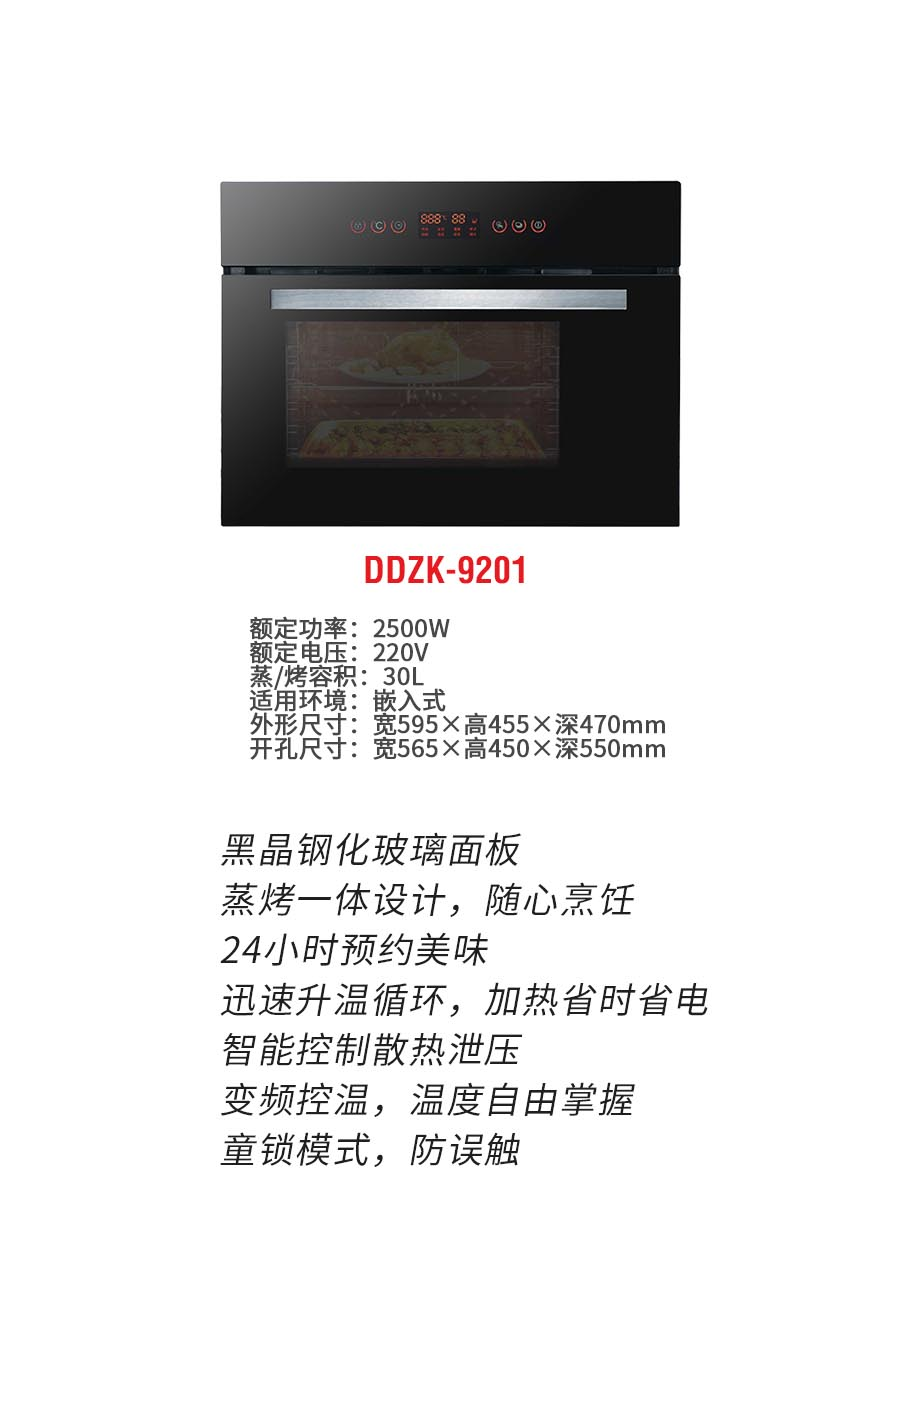 DDZK-9201b.jpg